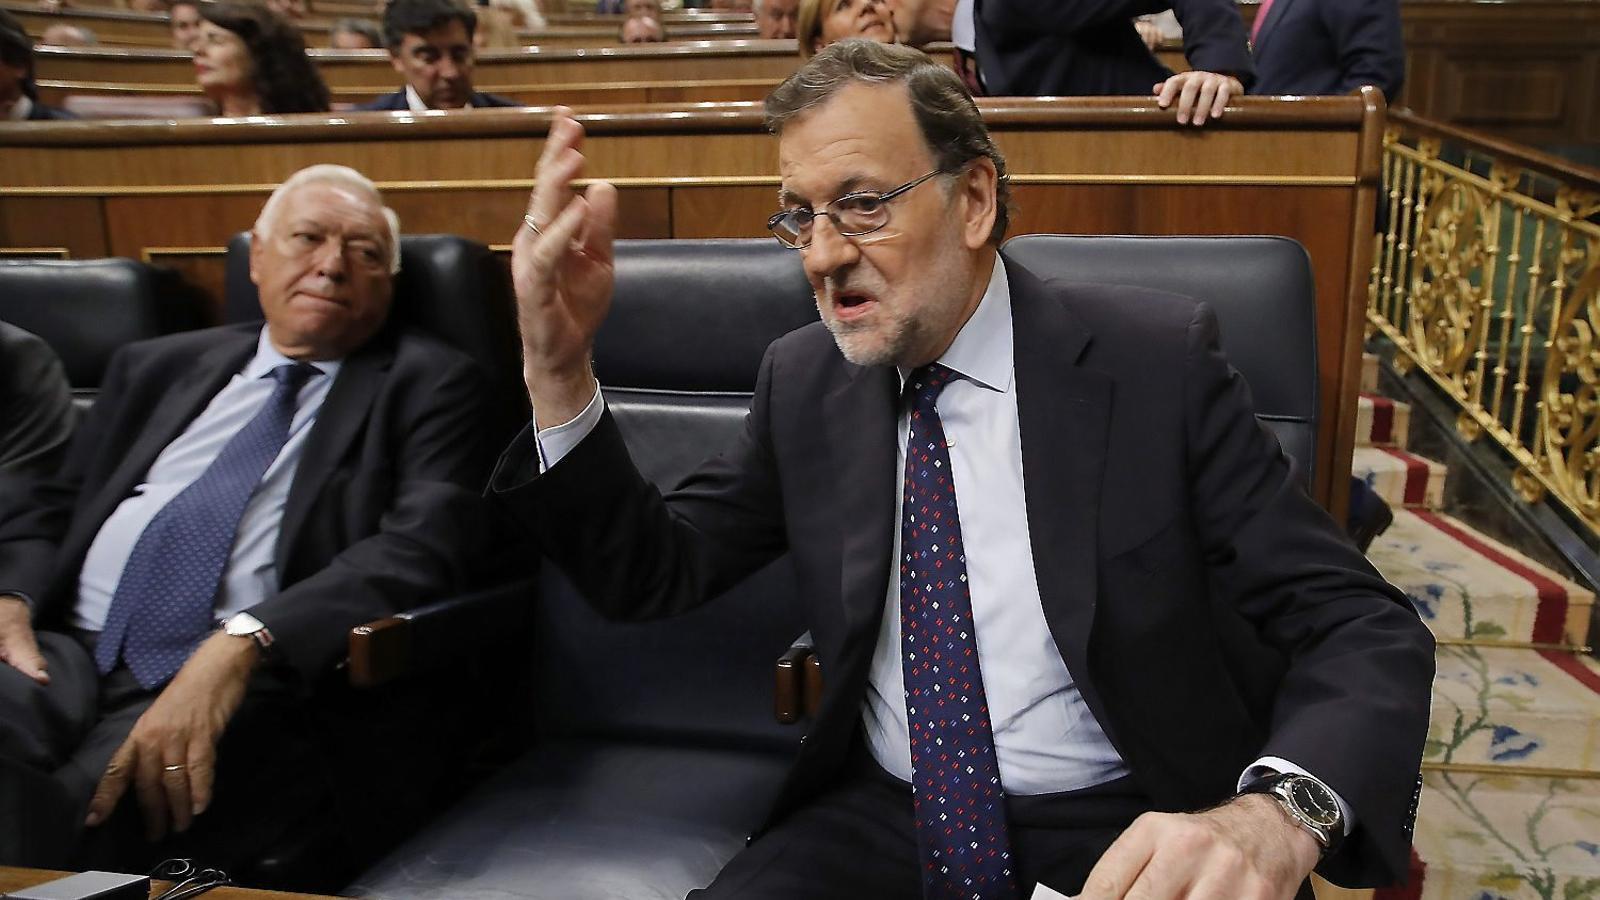 """Rajoy no defensarà el 'no' a la moció de censura contra ell al Congrés: """"Replicar, jo? Jo no replico ningú"""""""